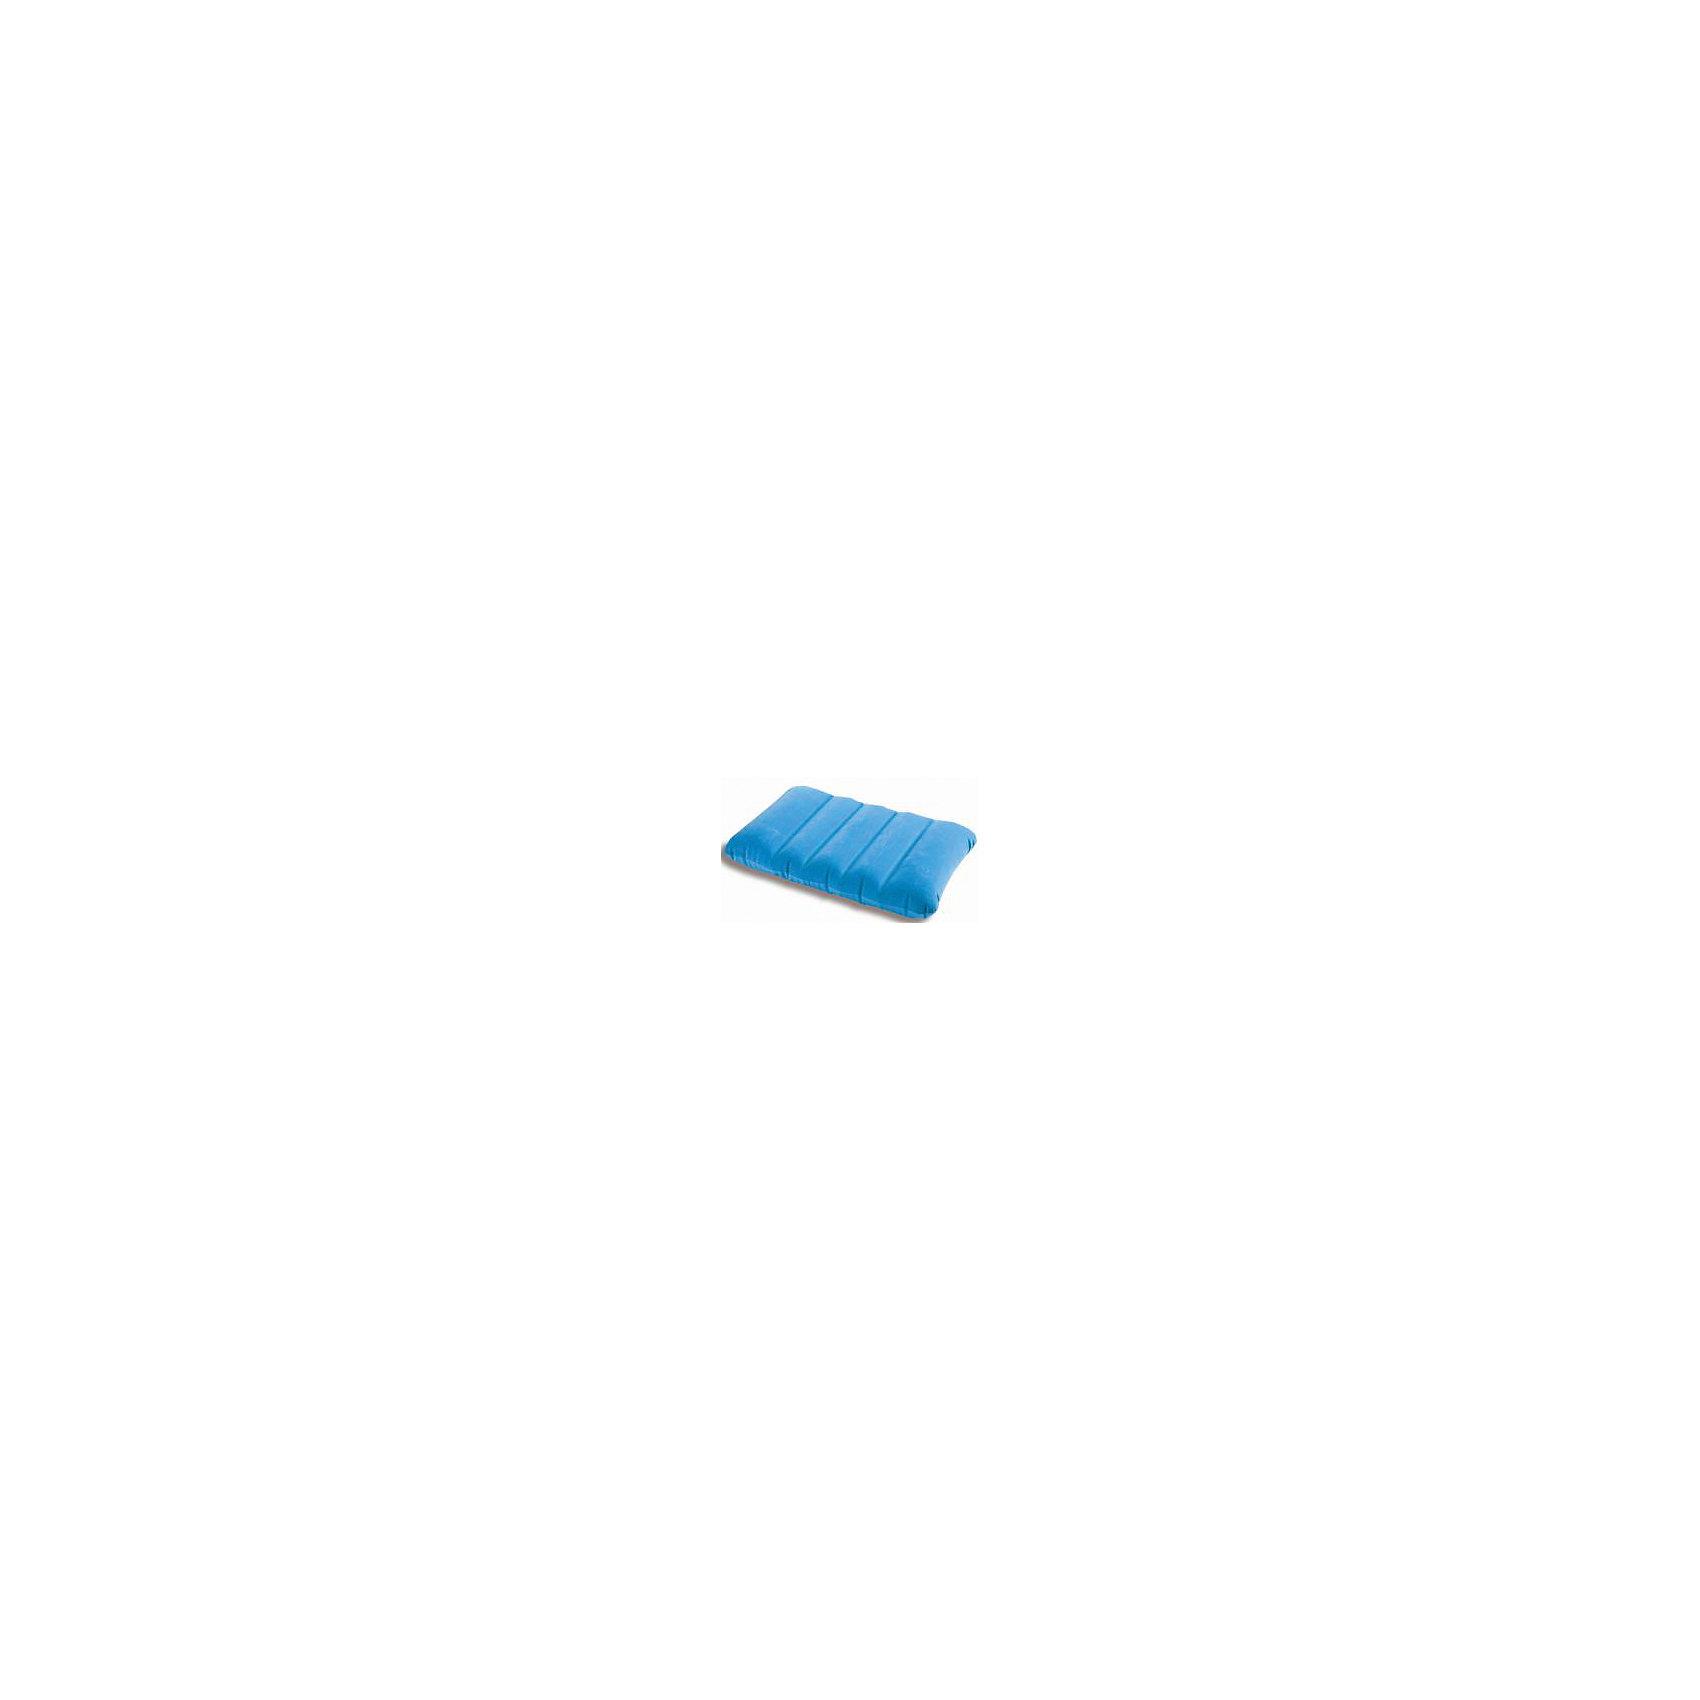 Надувная подушка Детская 43х28х9см, Intex, голубой